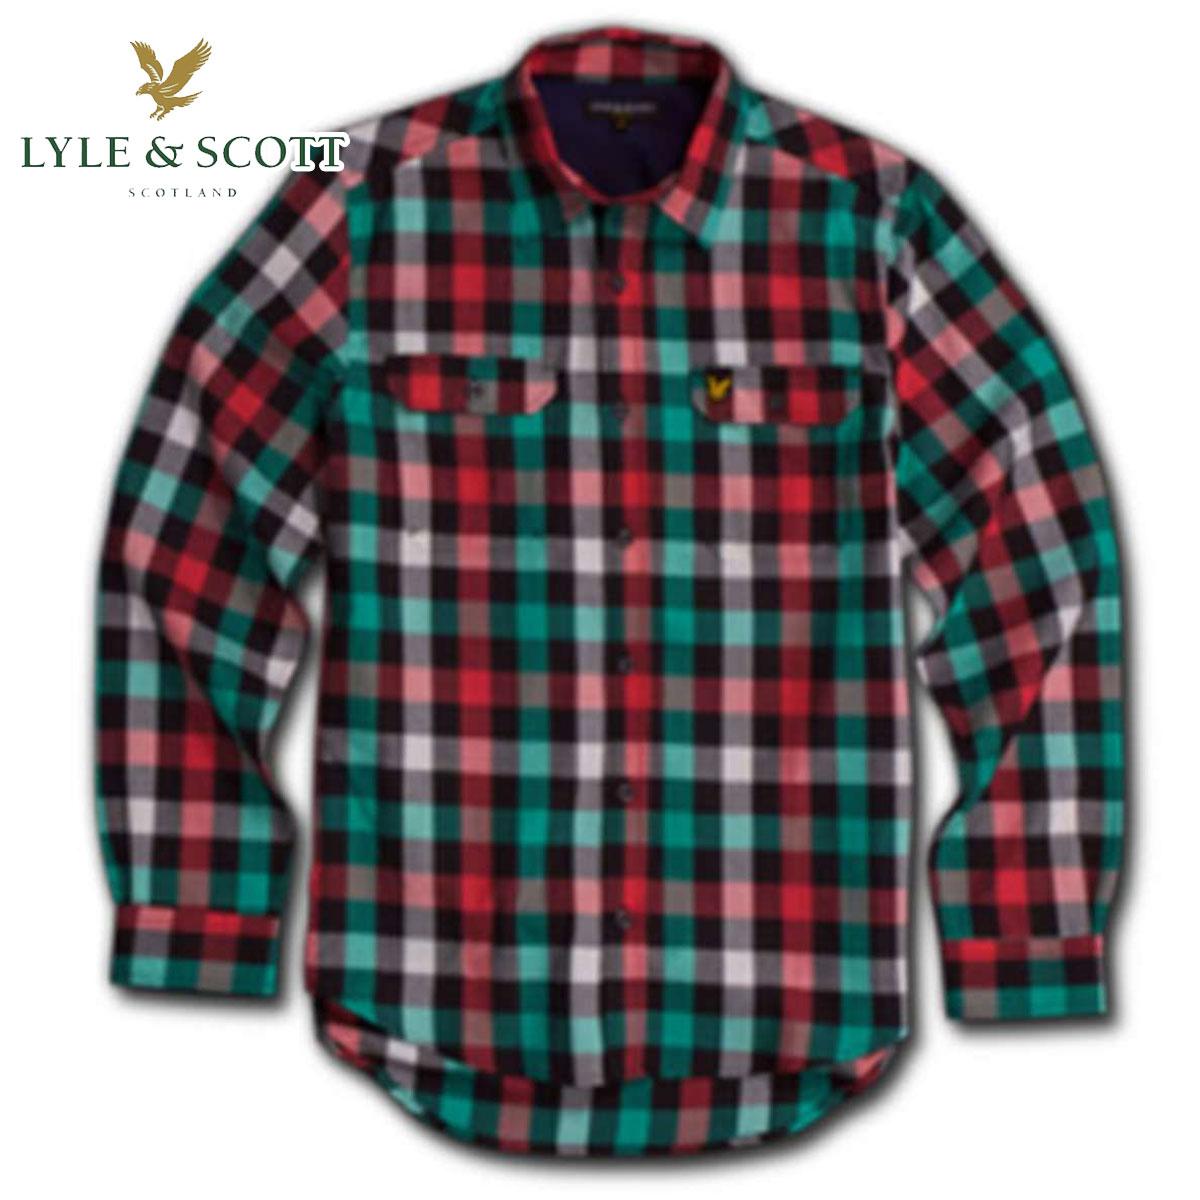 ライルアンドスコット LYLE&SCOTT BUTTON DOWN CHECK SHIRT ボタンダウンシャツ グリーンレッド 10P13Jun14 A27B B1C C1D D6E E13F ホワイトデー 2021 ラッピング無料